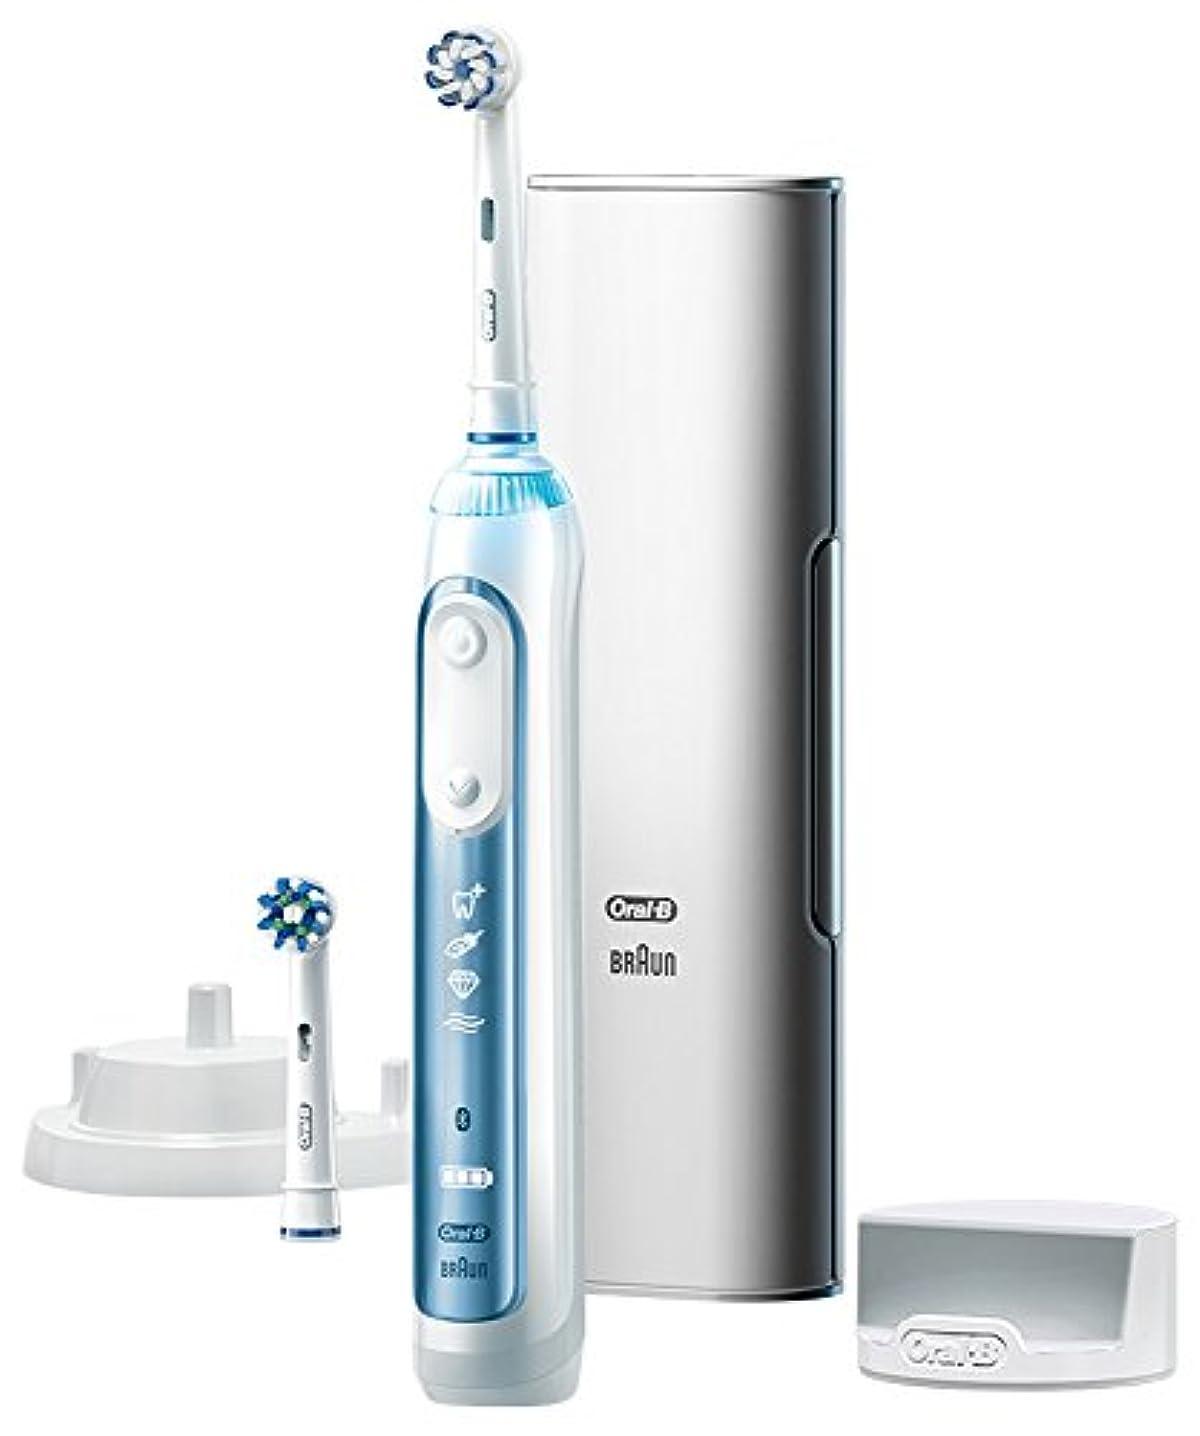 フラグラント販売計画不正直ブラウン オーラルB 電動歯ブラシ スマート7000 D7005245XP D7005245XP